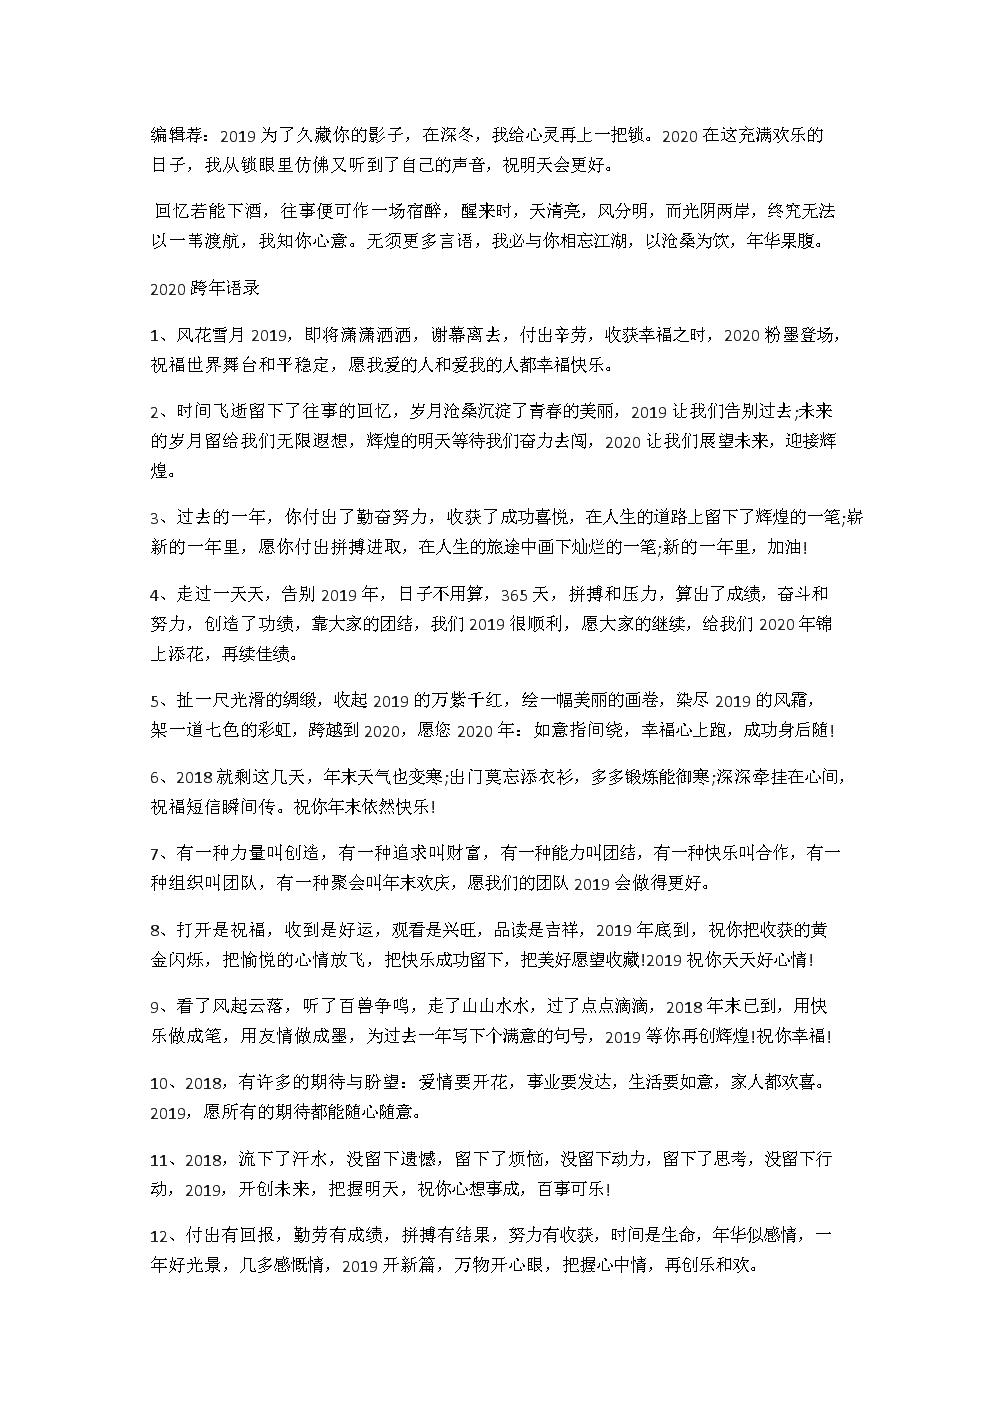 二零二零跨年语录.docx